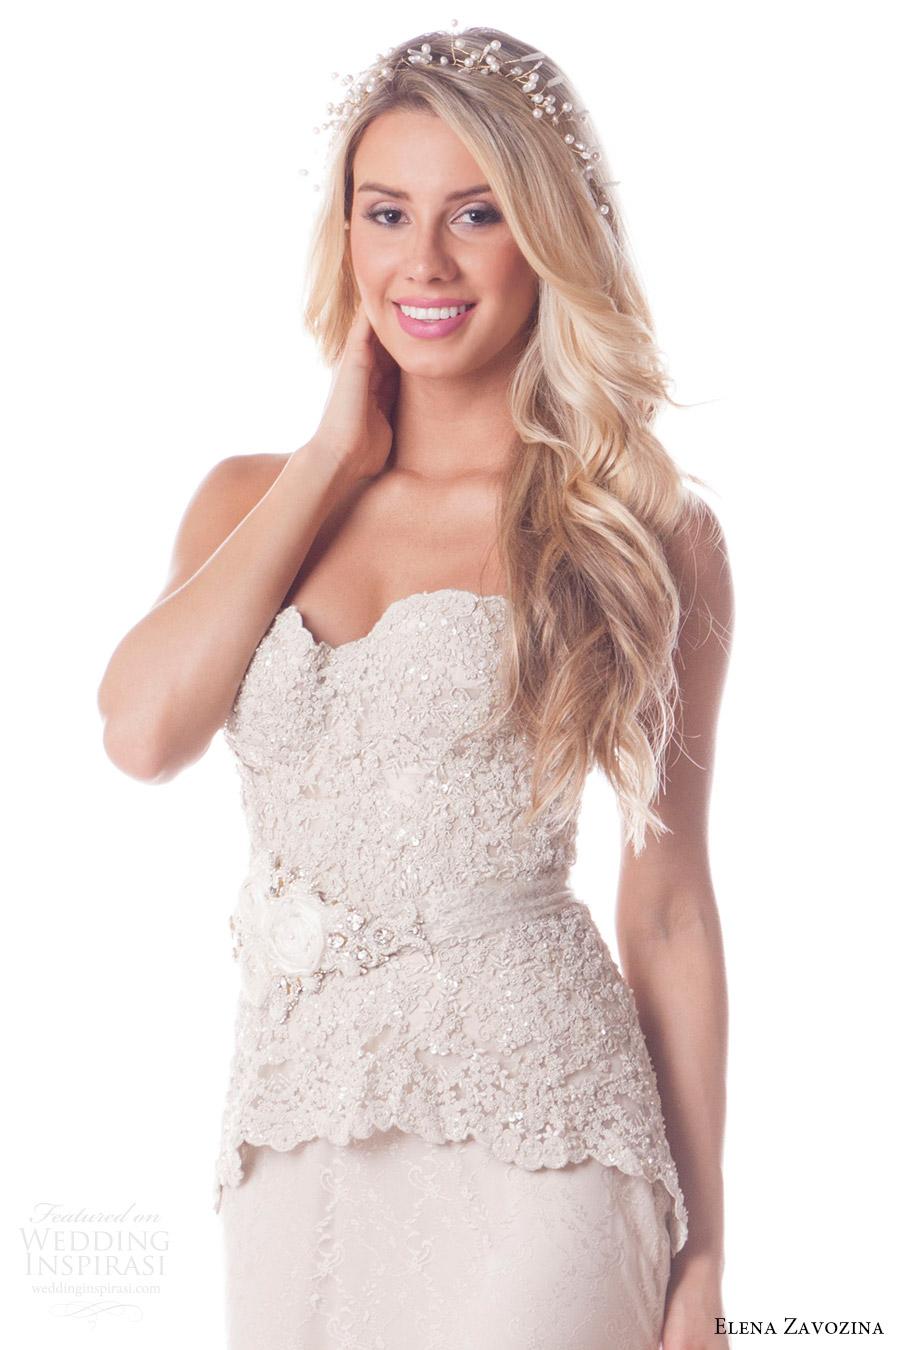 elena zavozina bridal accessories 2016 wedding floral belt (leah) fv